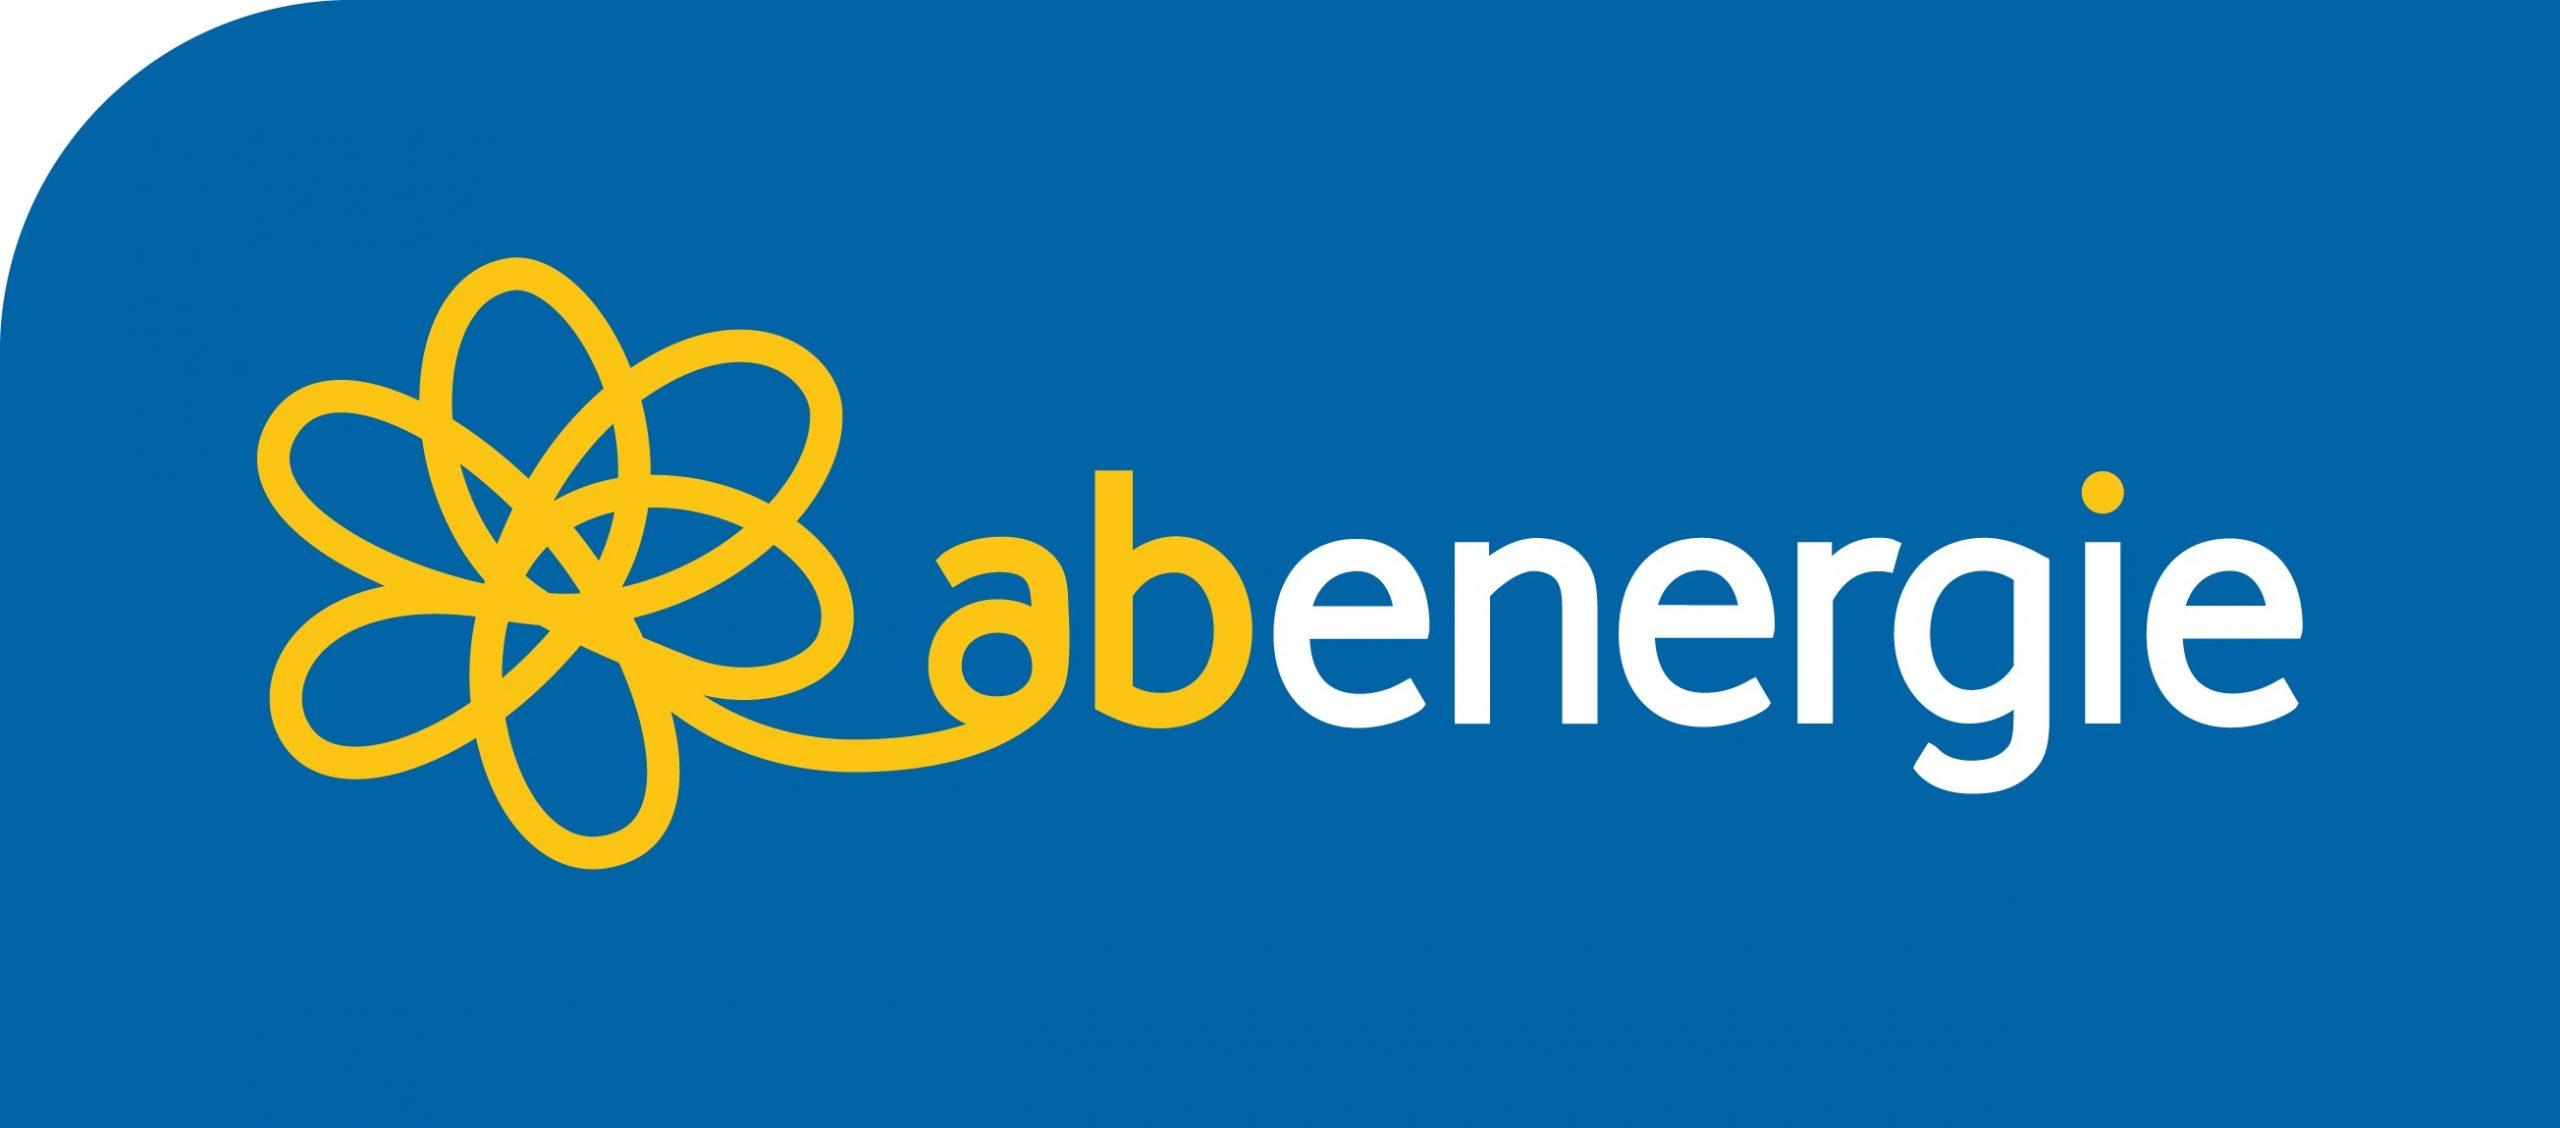 273_Copia_di_Logo_ABenergie_GialloBiancoTASS_A_RGB